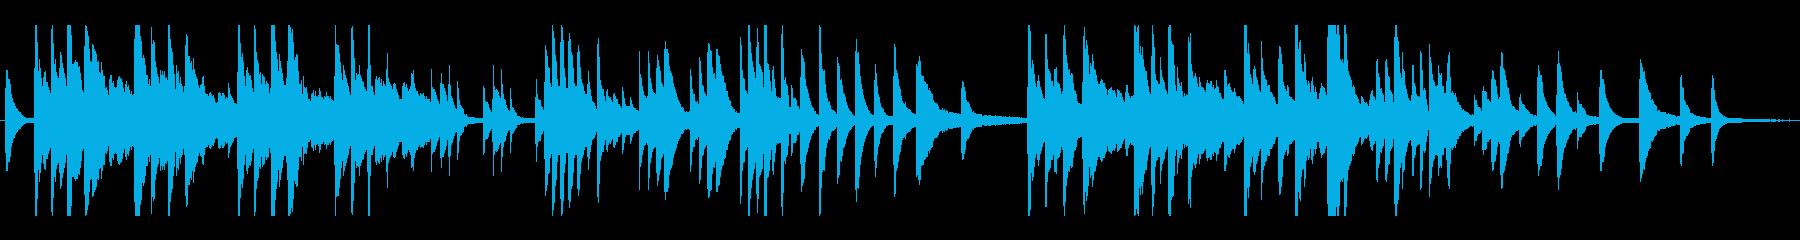 日常の中のピアノ・ソロ曲の再生済みの波形